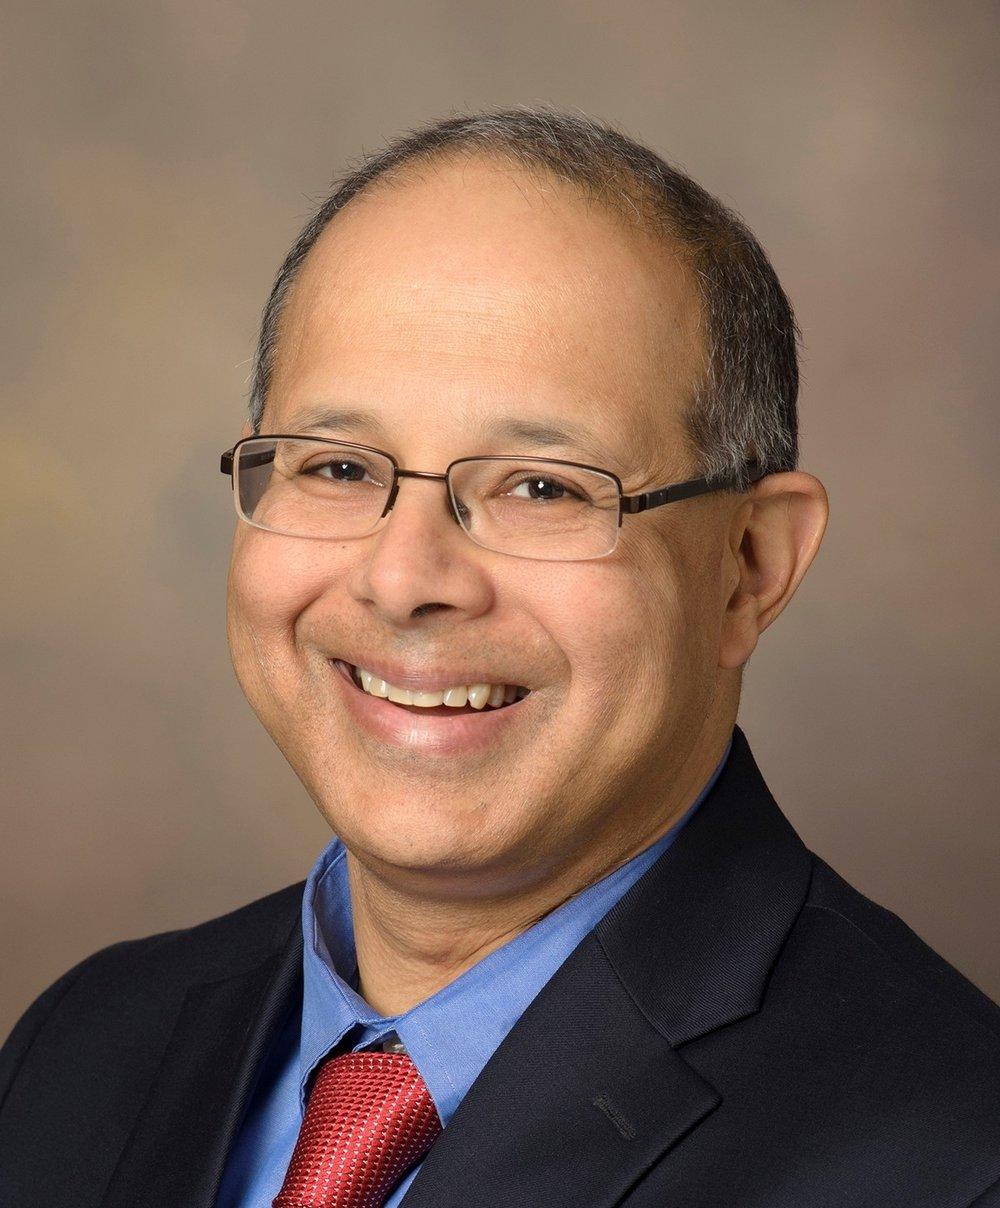 Prabir Roy-Chaudhury (Tucson, USA)